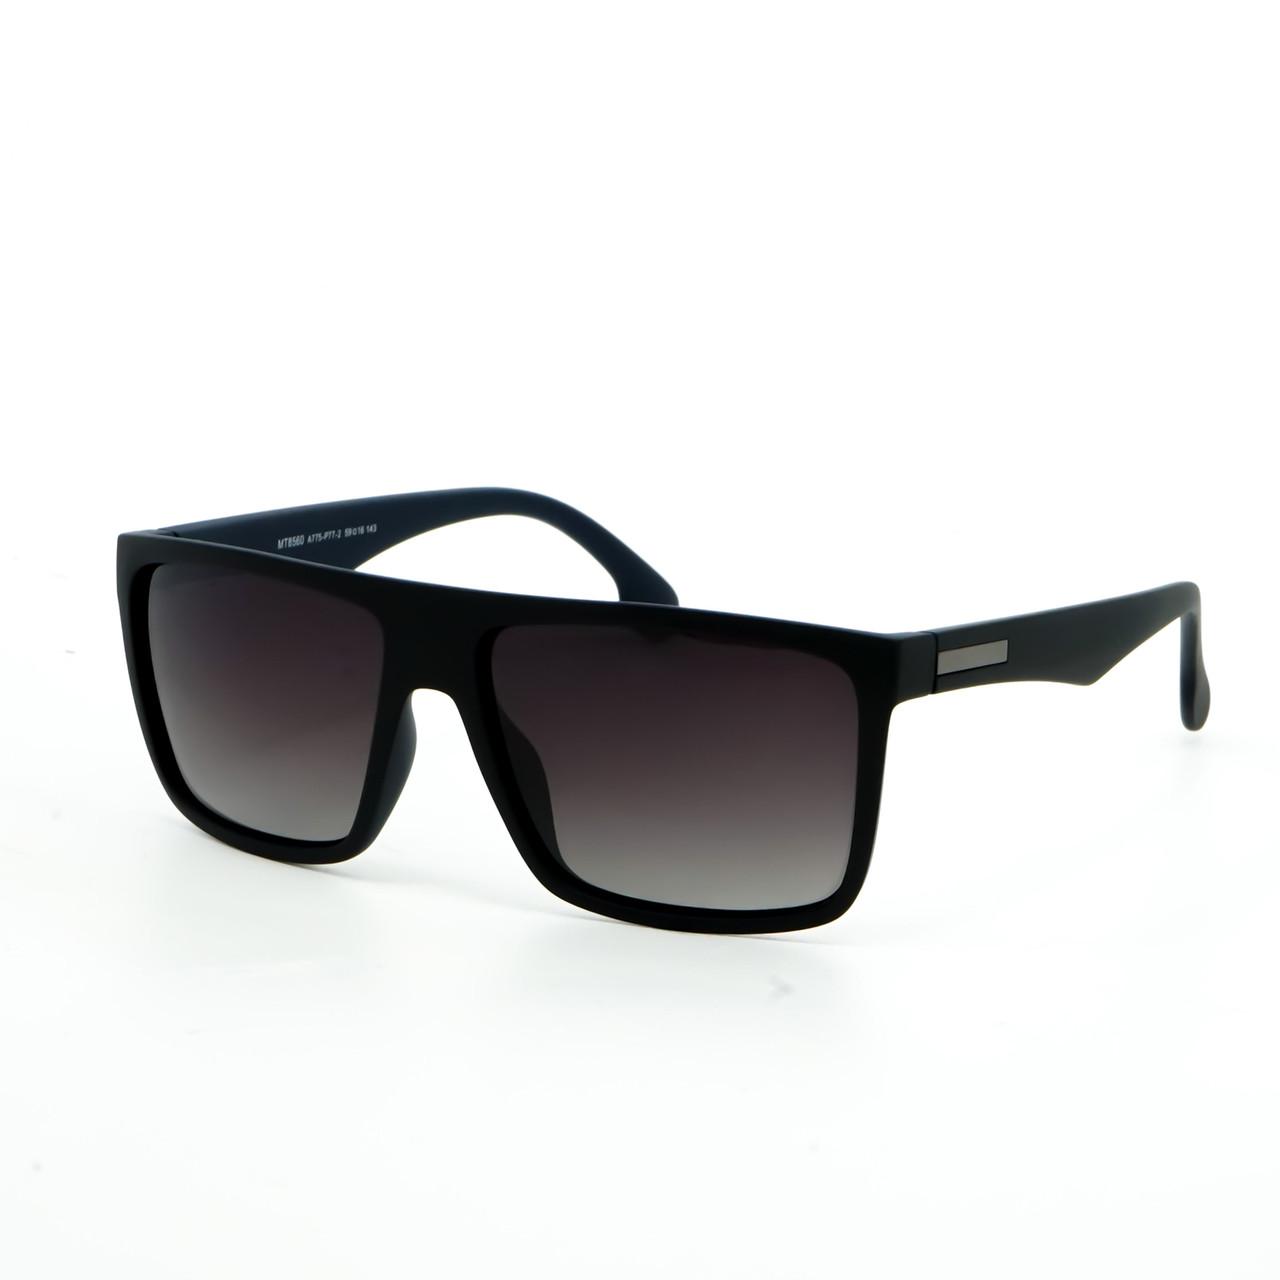 Солнцезащитные очки Matrix MT8560 A775-P77-2 с градиентом     ( MT8560-A775-P77-2 )